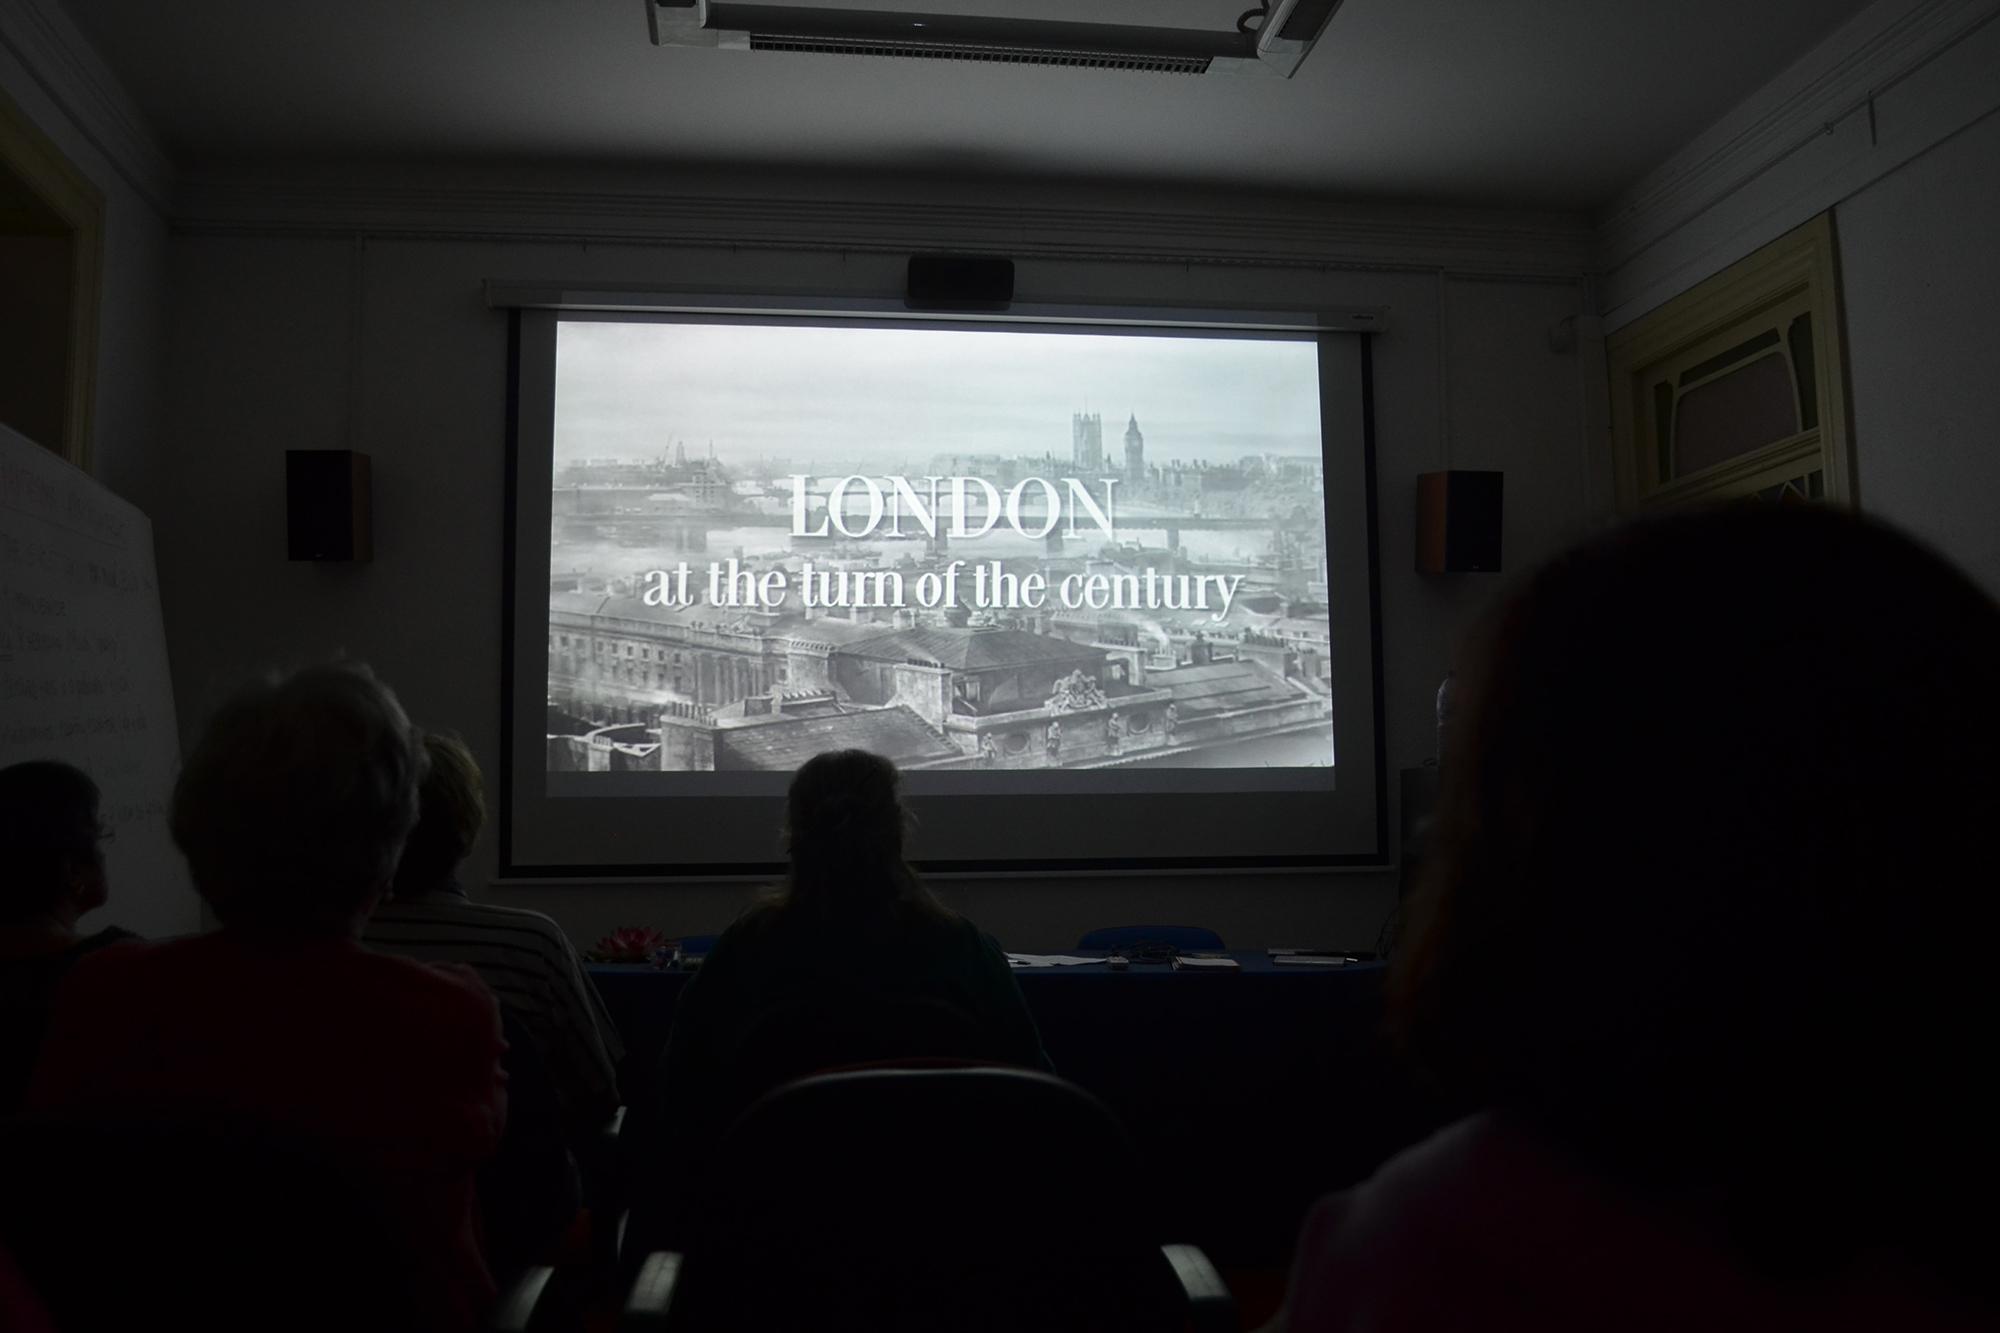 """Visualização do filme de 1947, """"Fantasma Apaixonado"""", de Joseph L. Mankiewicz, durante a aula de História do Cinema."""